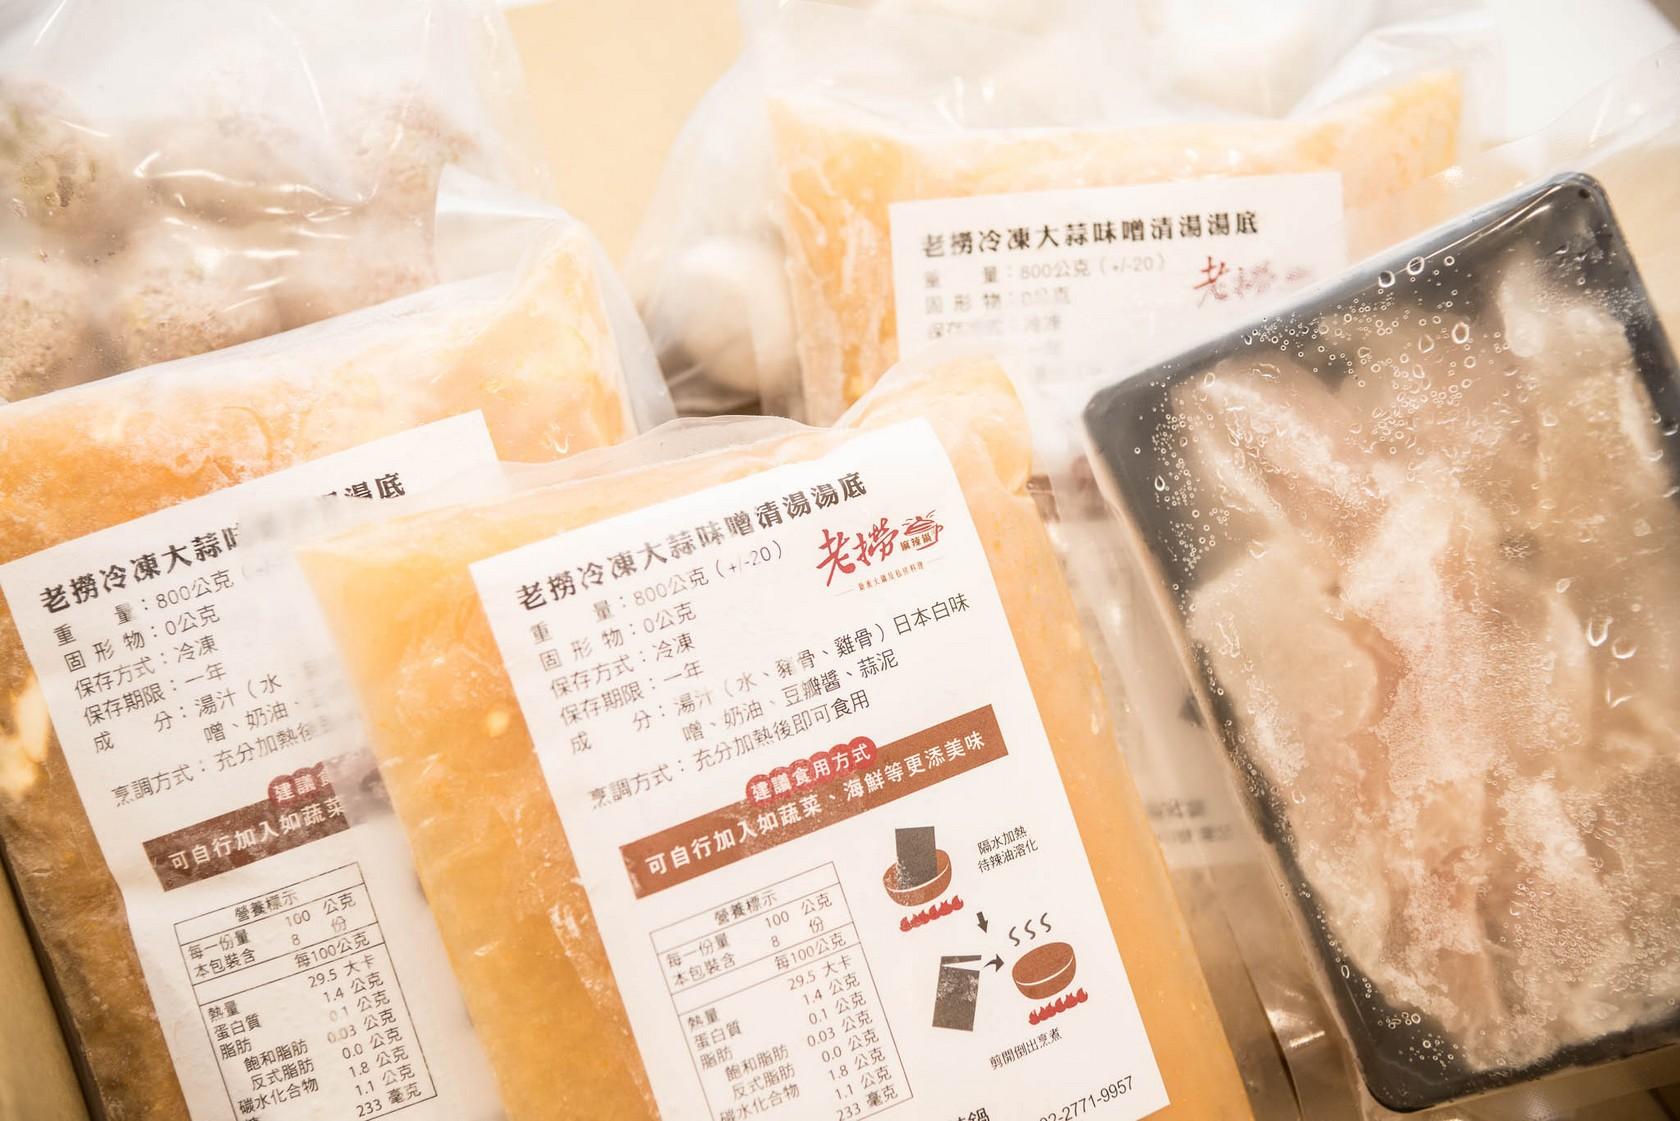 老撈麻辣火鍋 冷凍味 噌湯包體驗